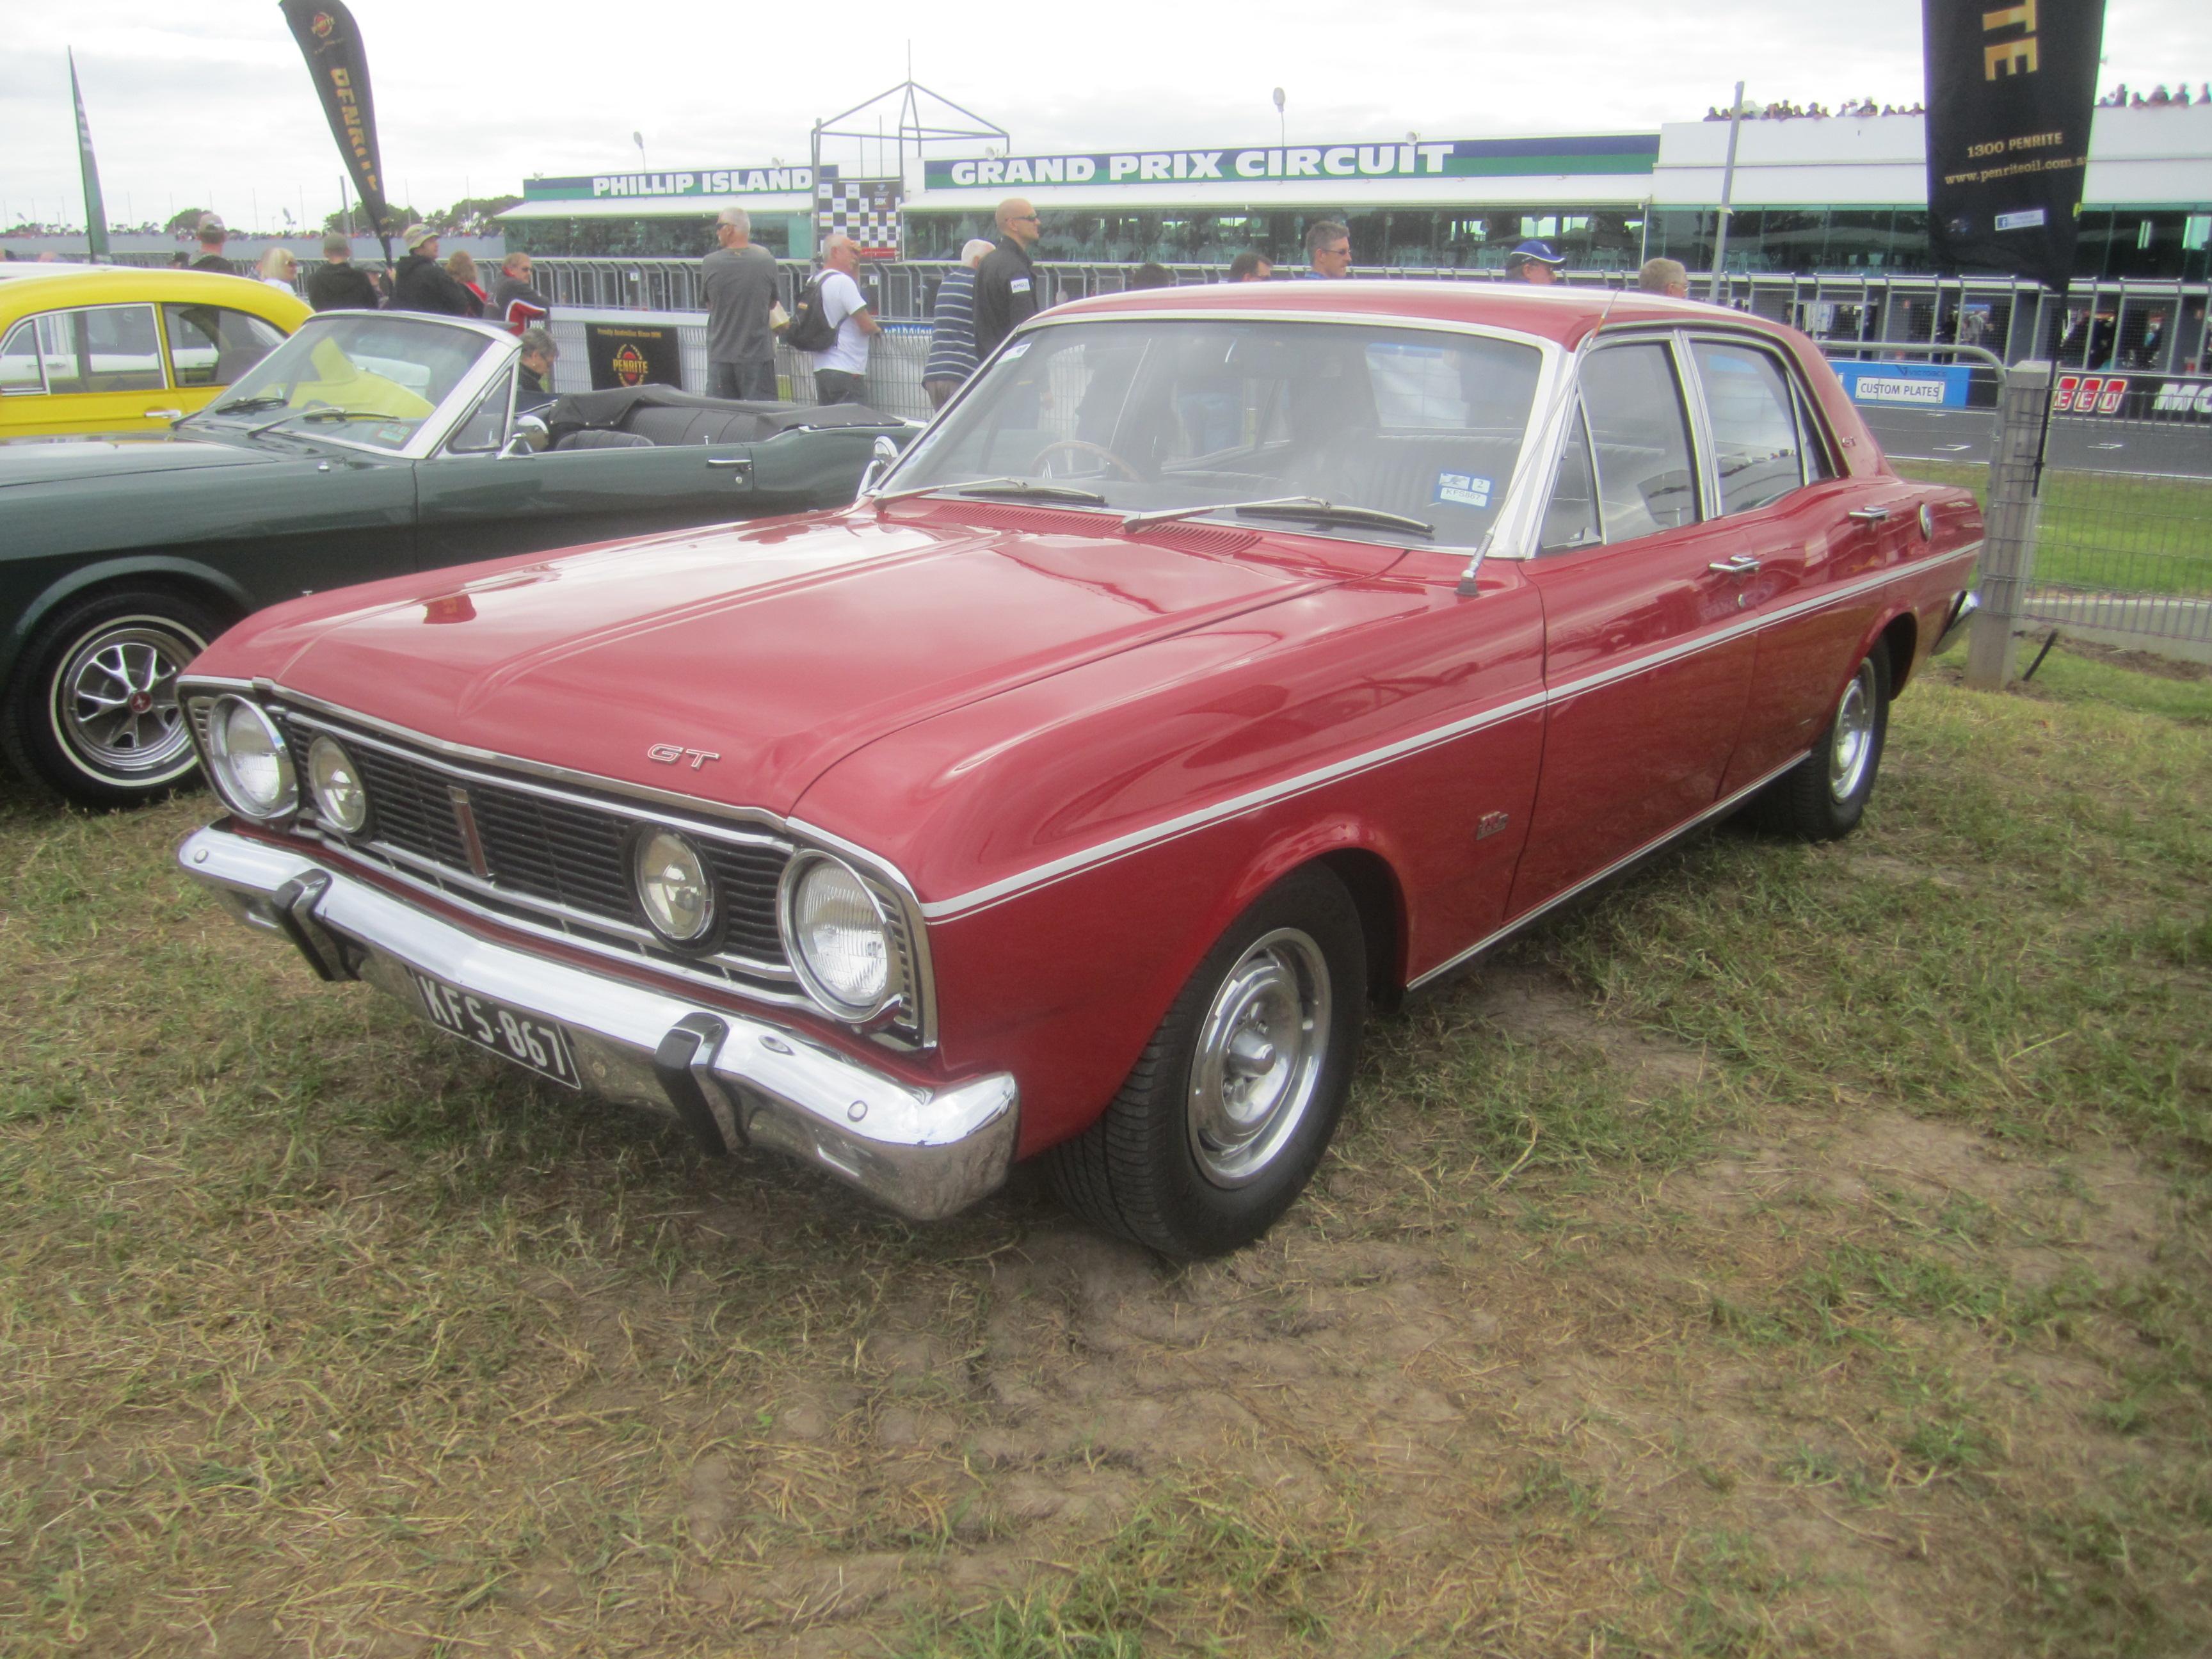 1968 Ford Falcon Gt